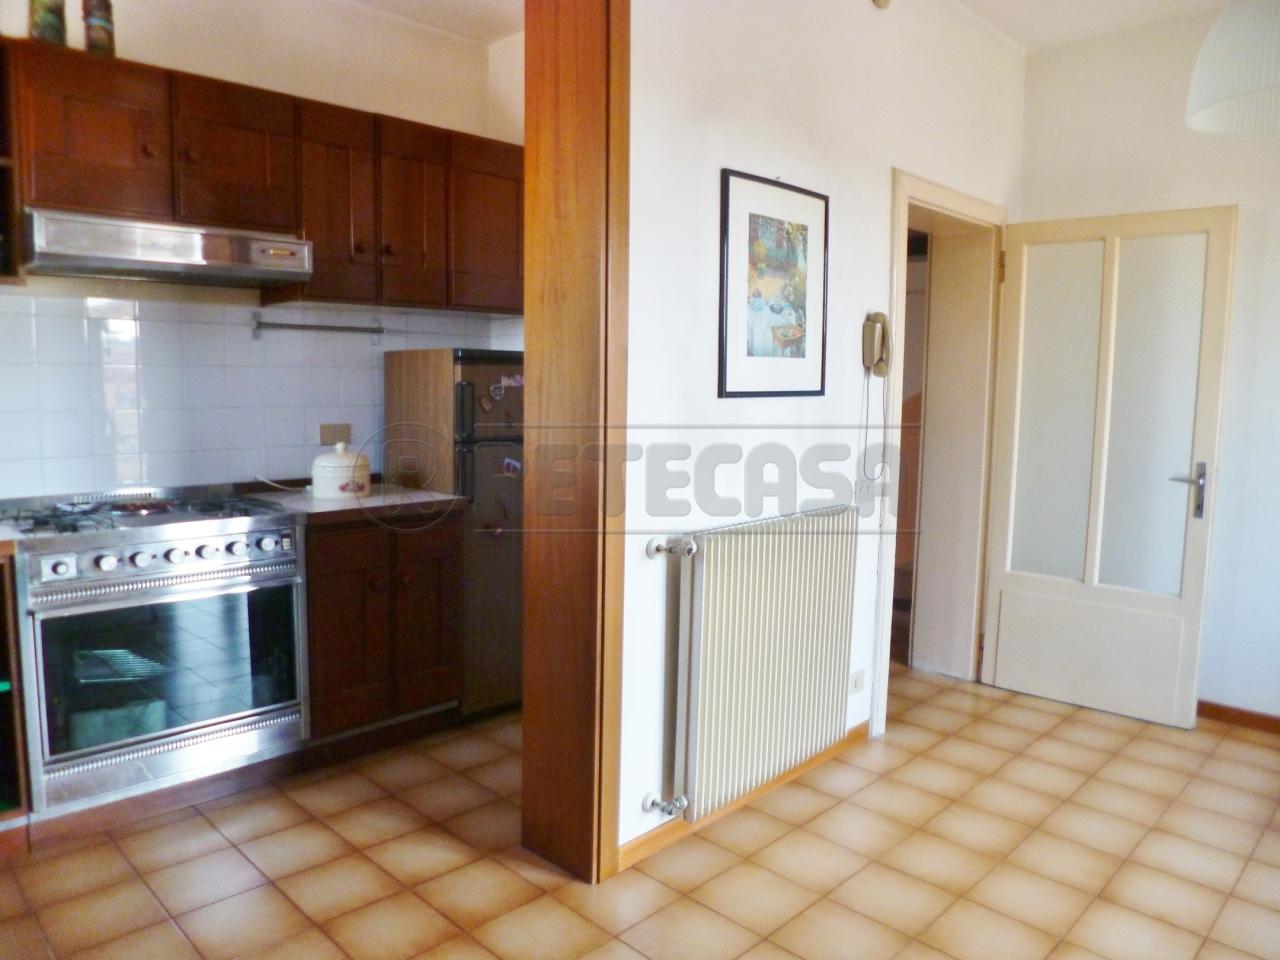 Appartamento in vendita a Lonigo, 4 locali, prezzo € 48.000 | CambioCasa.it